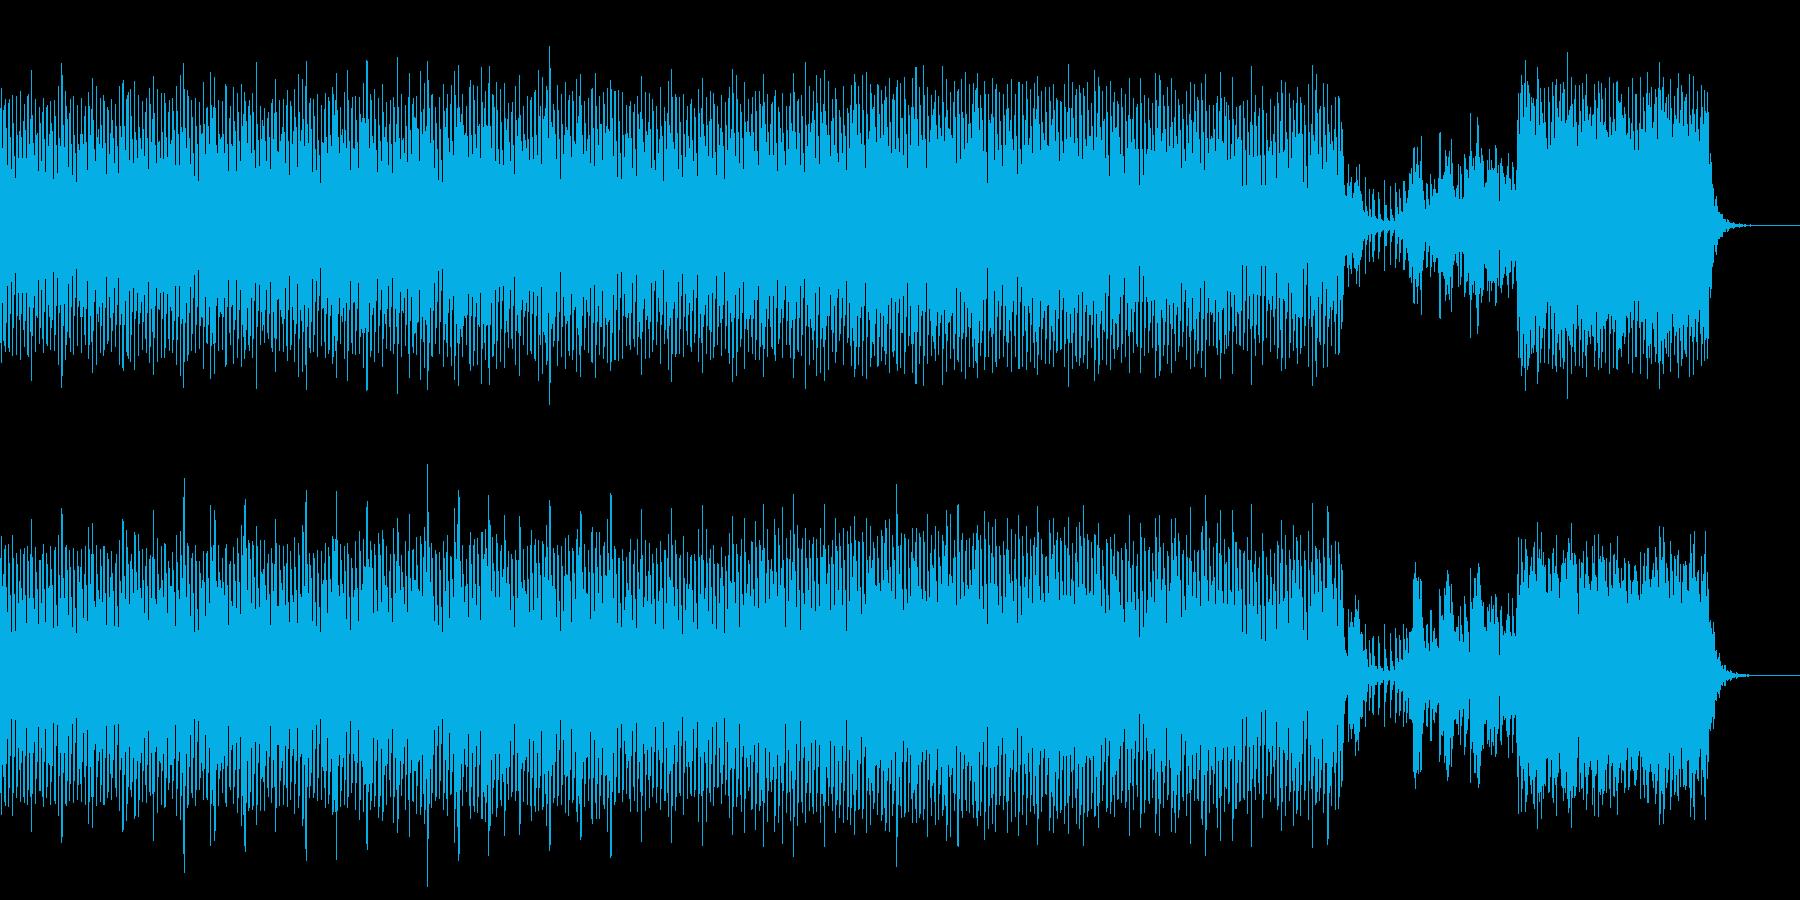 緊張感のあるテクノハウスの再生済みの波形